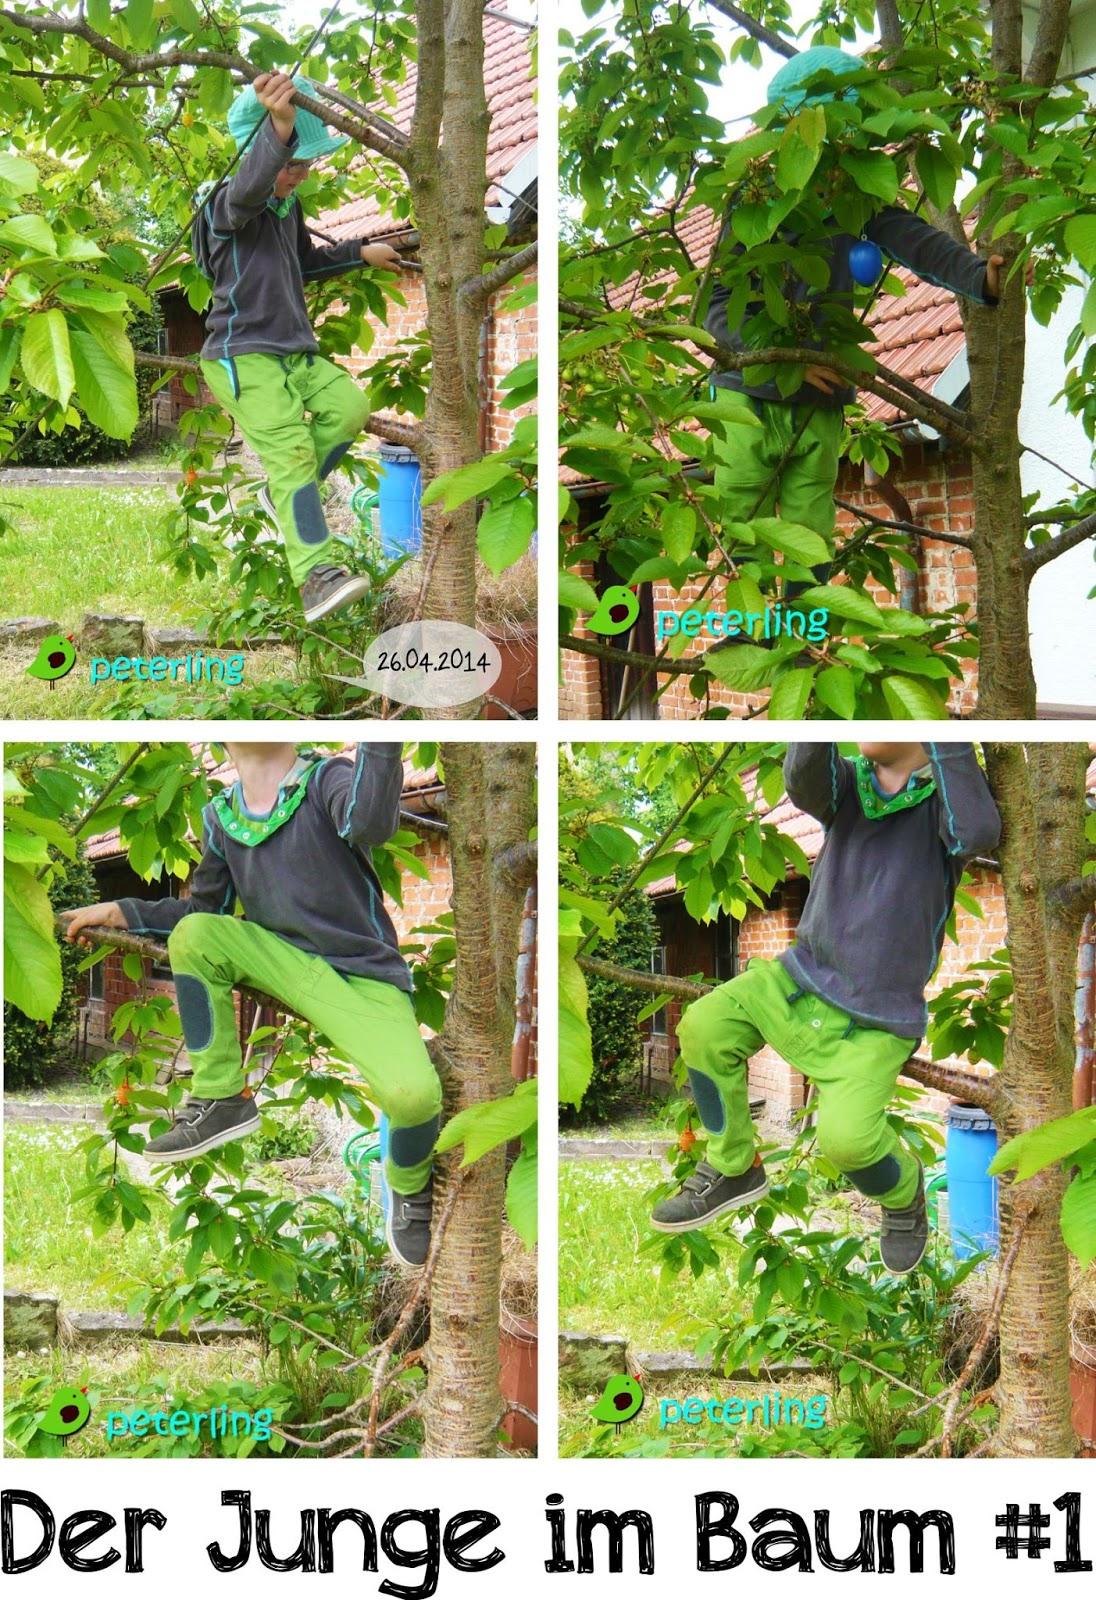 Der Junge im Baum #1